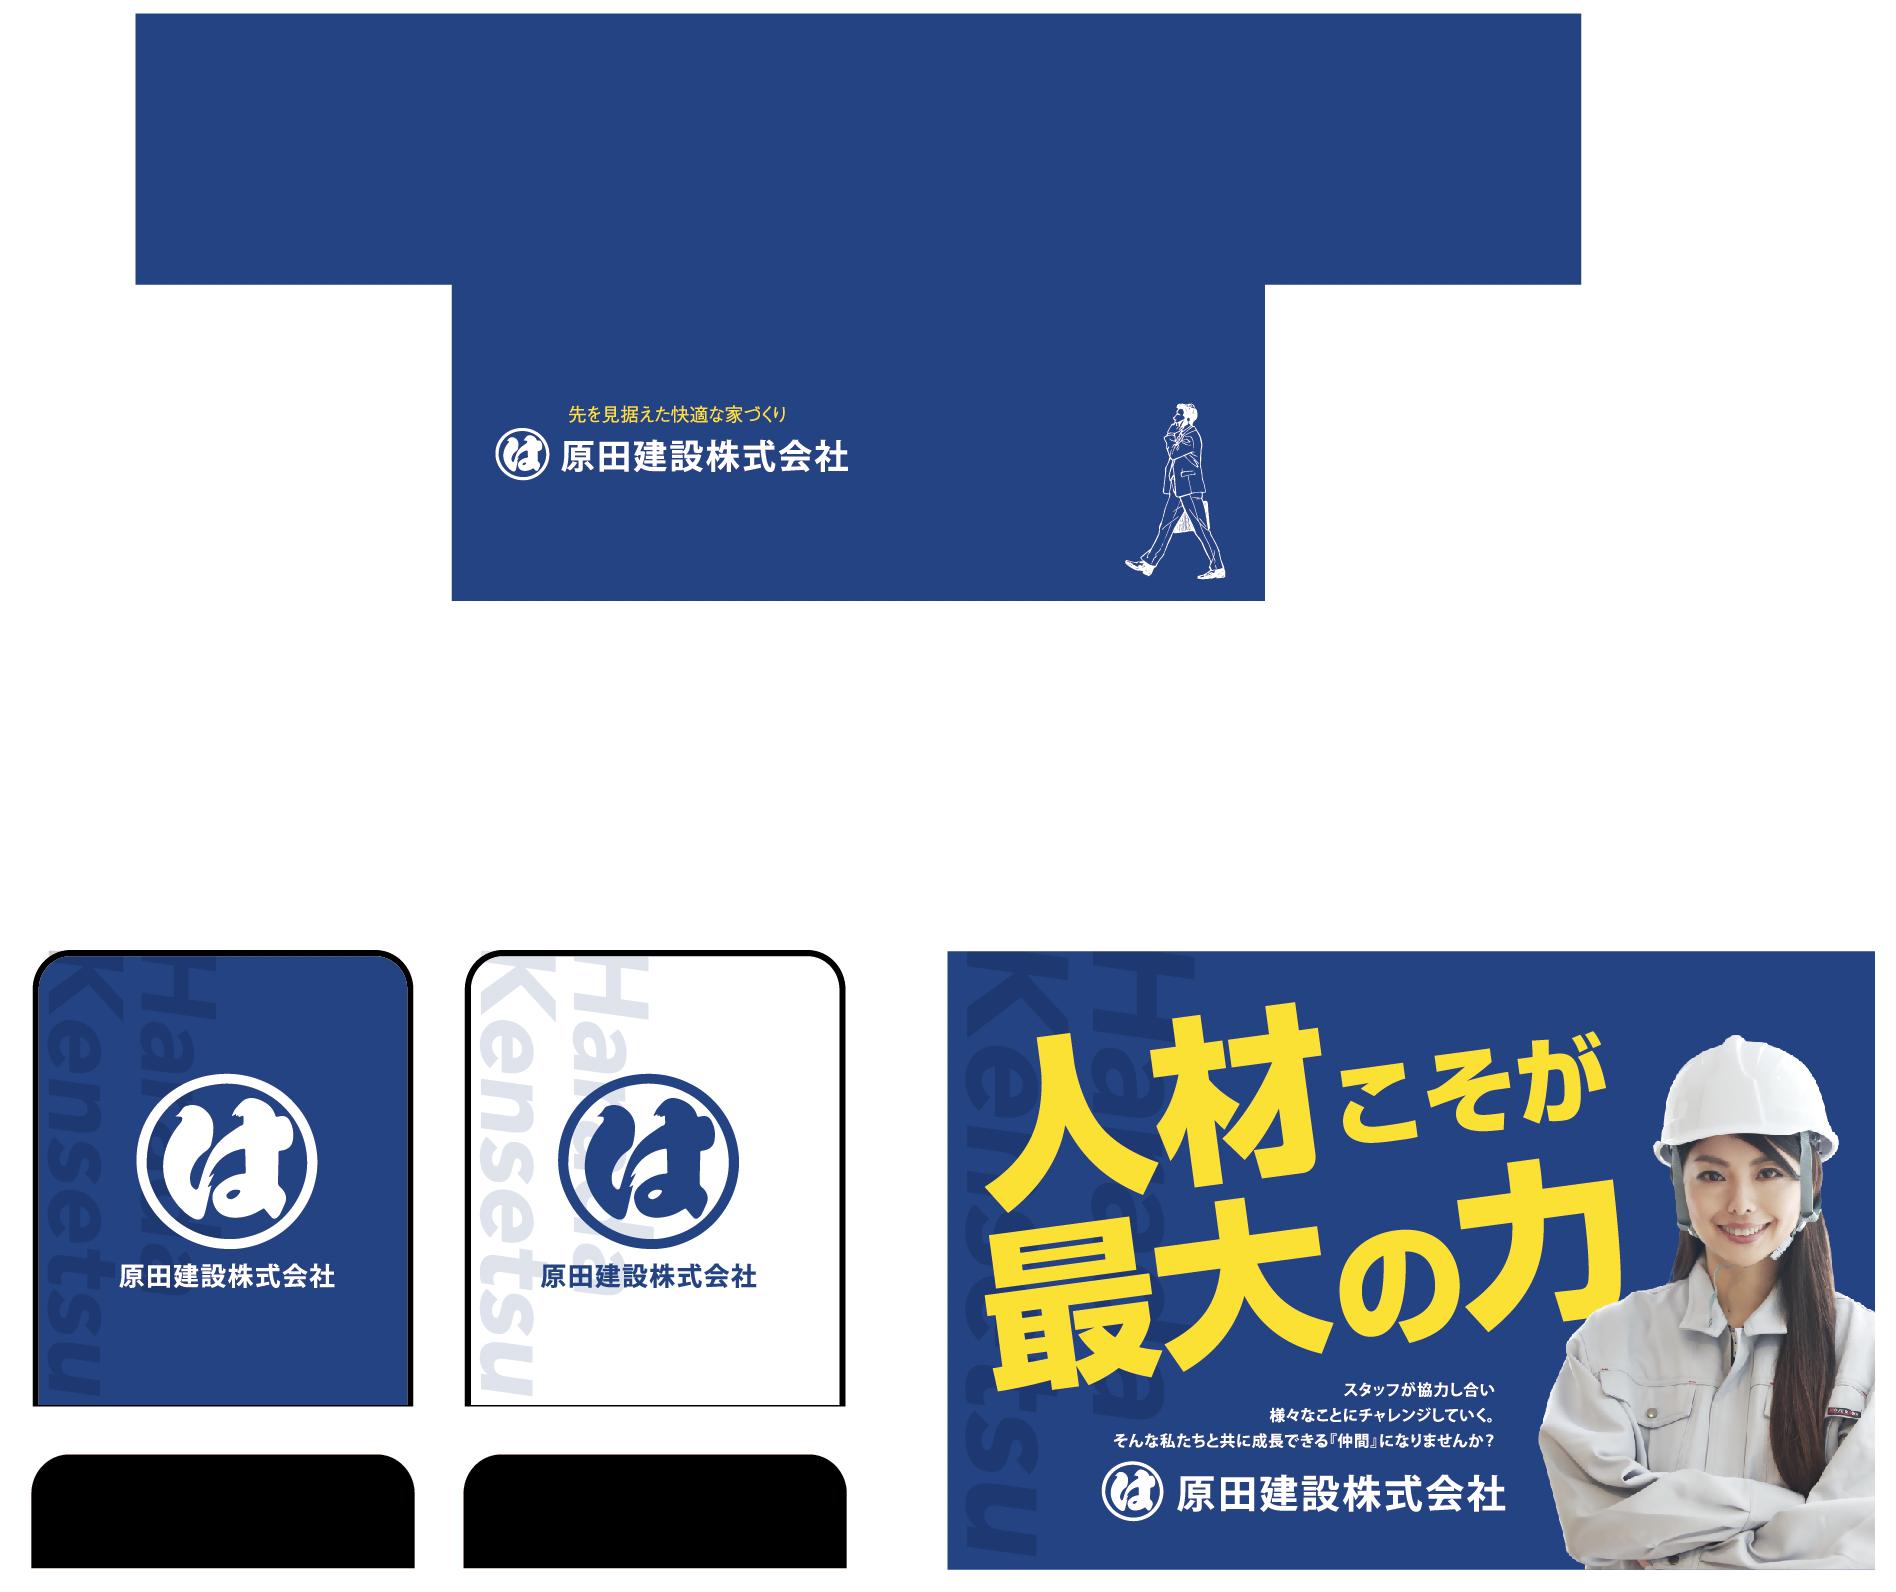 原田建設株式会社採用ブースデザイン